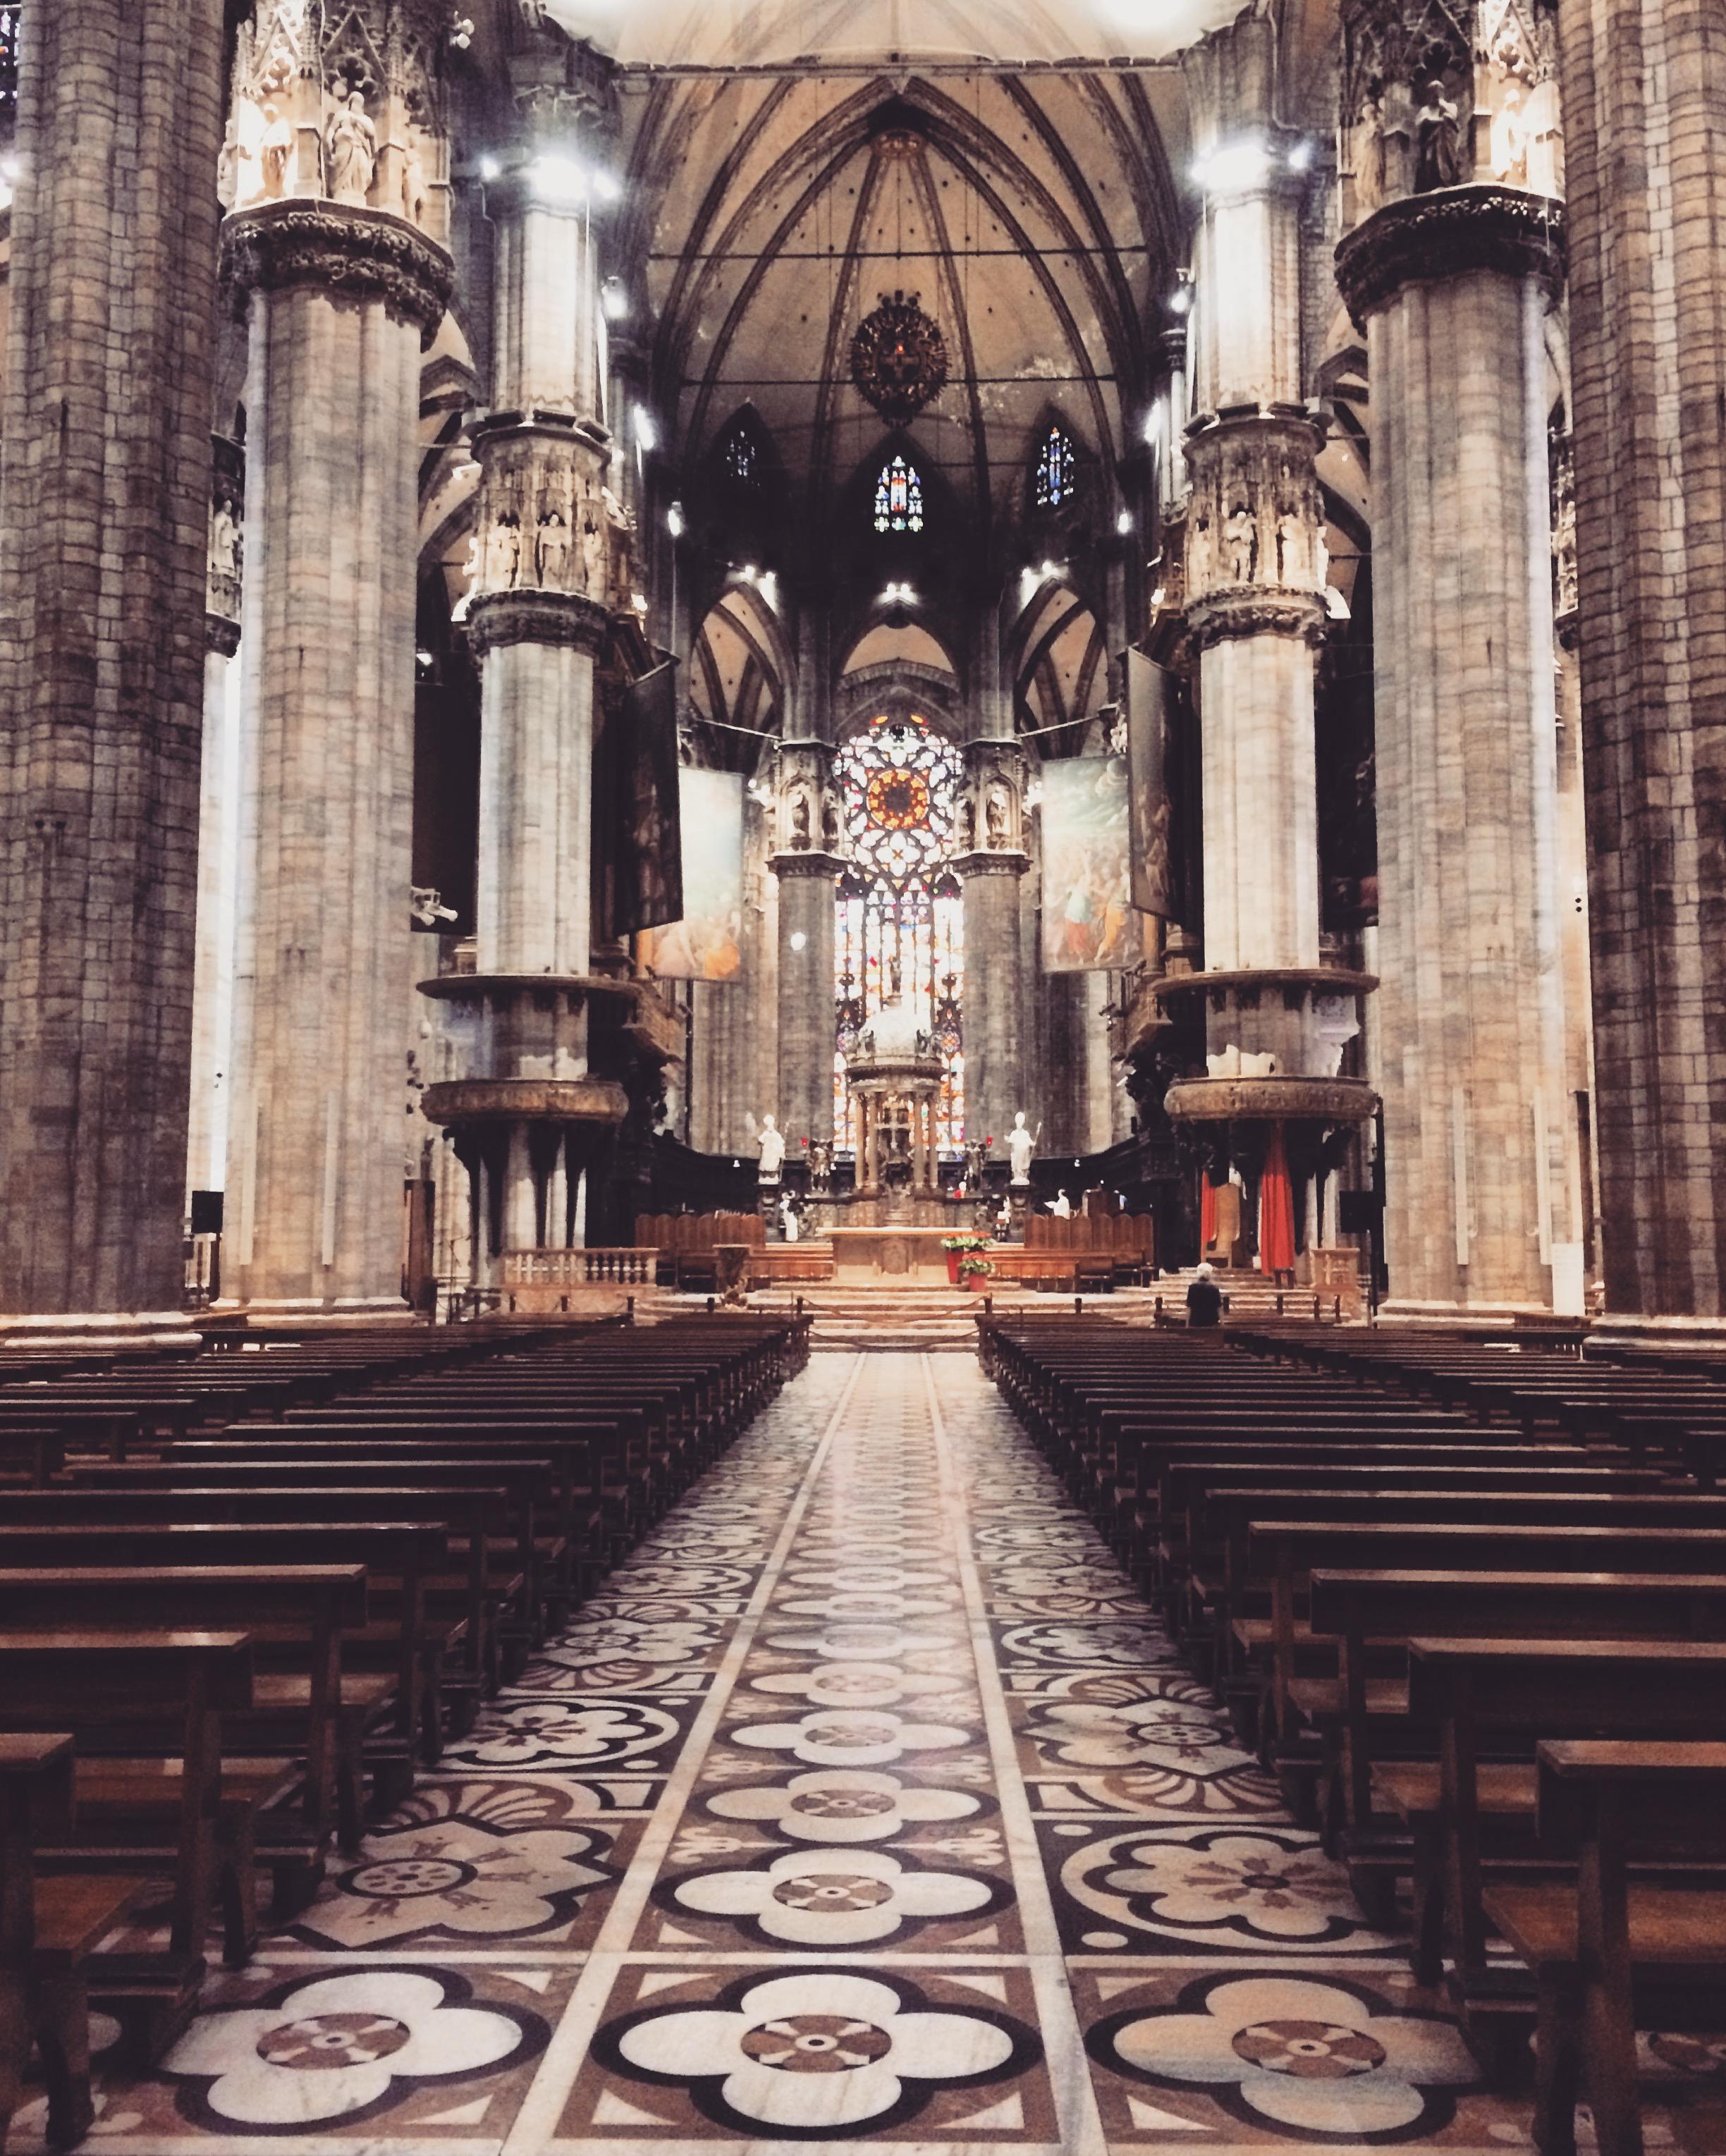 Duomo is my home - Duomo di Milano